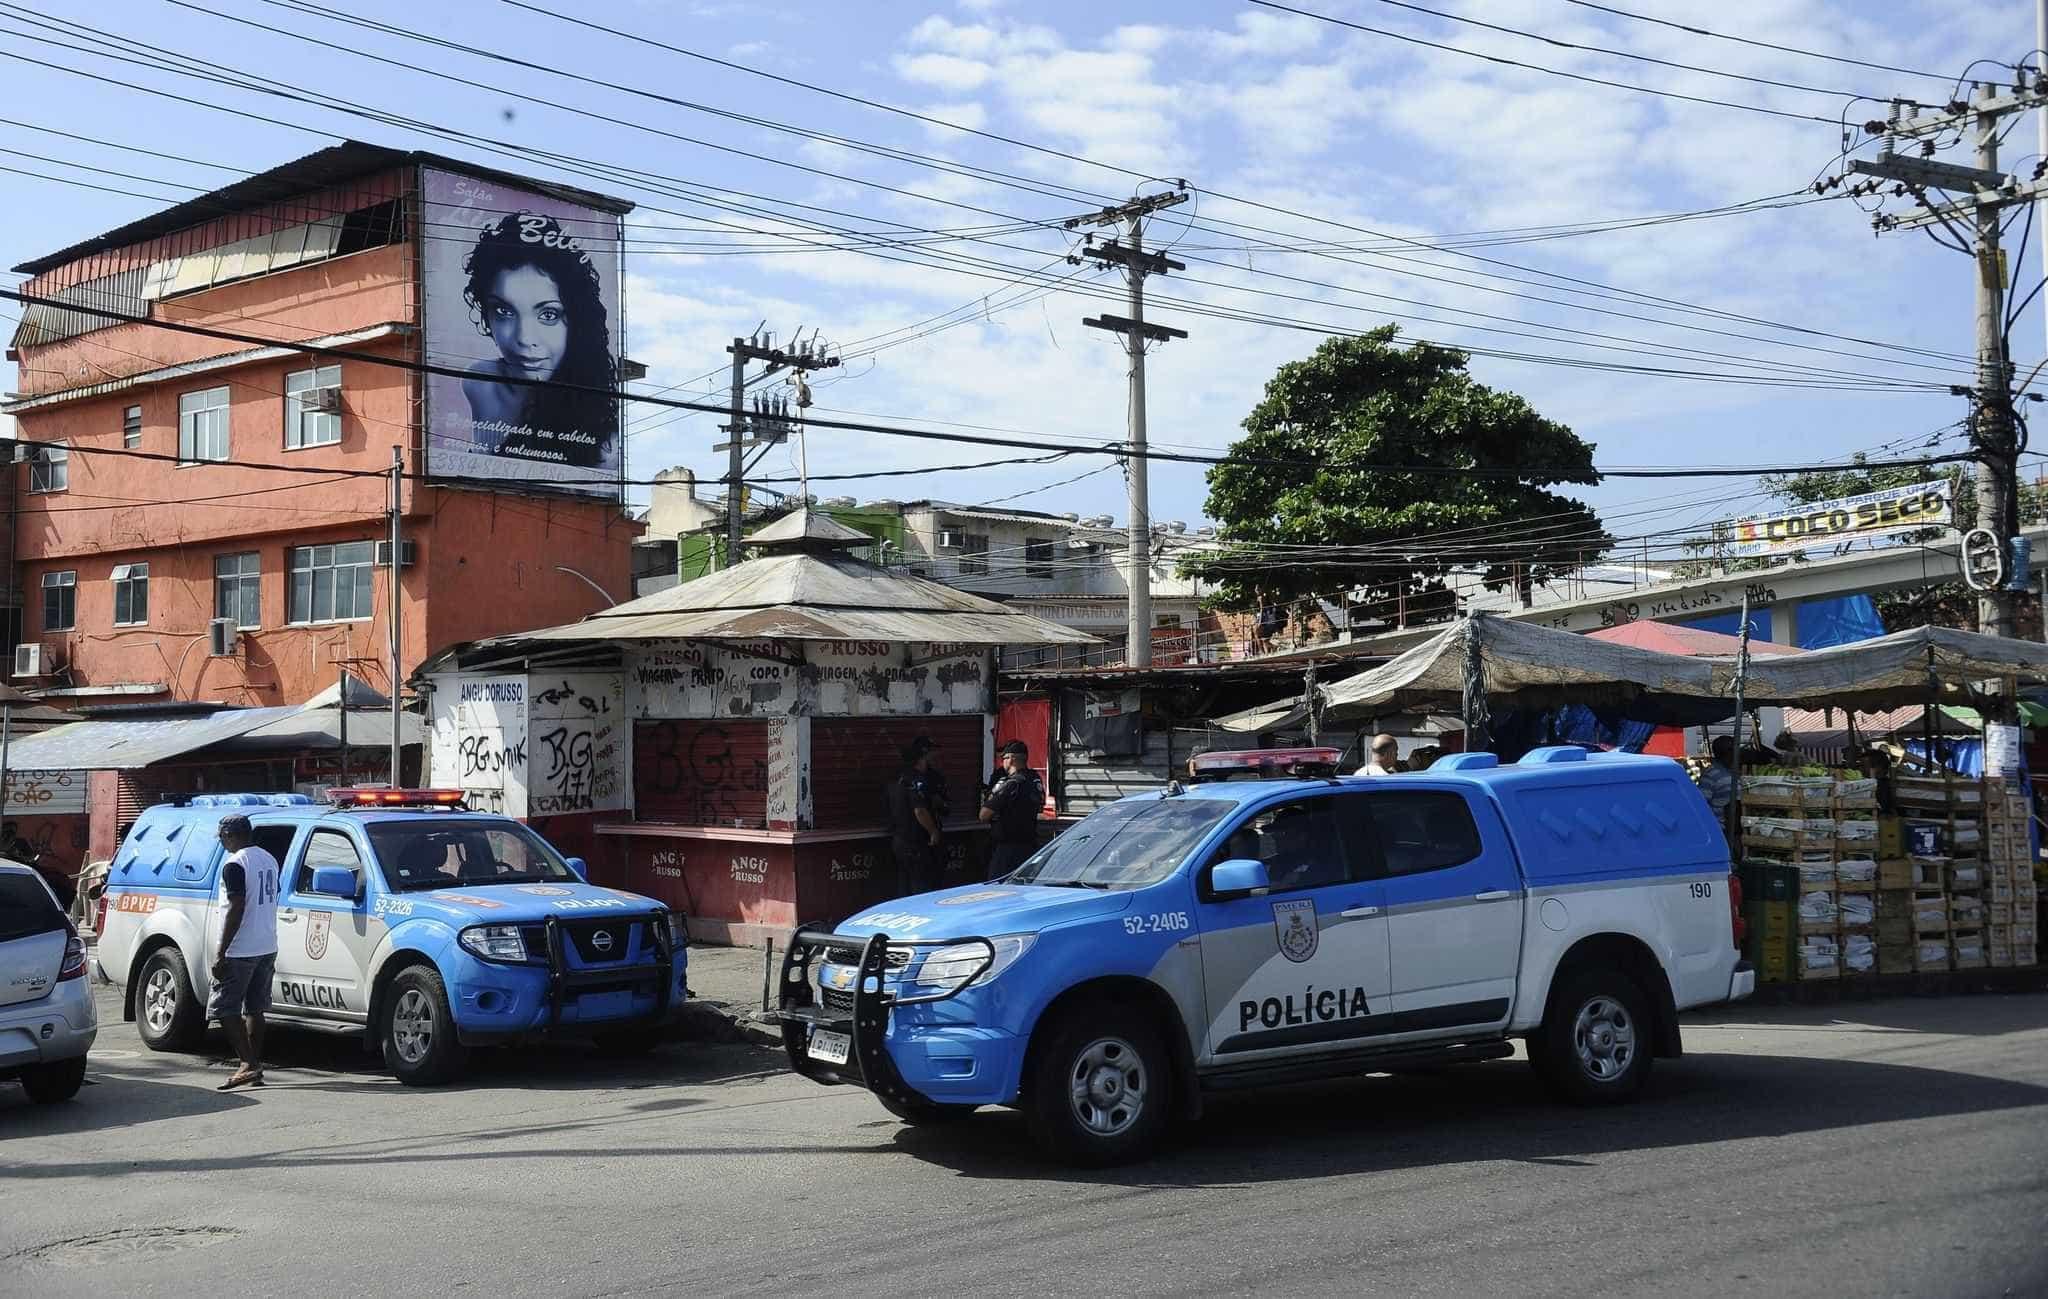 Ataque a tiros e confrontos com polícia deixam 6 mortos em SP no Natal